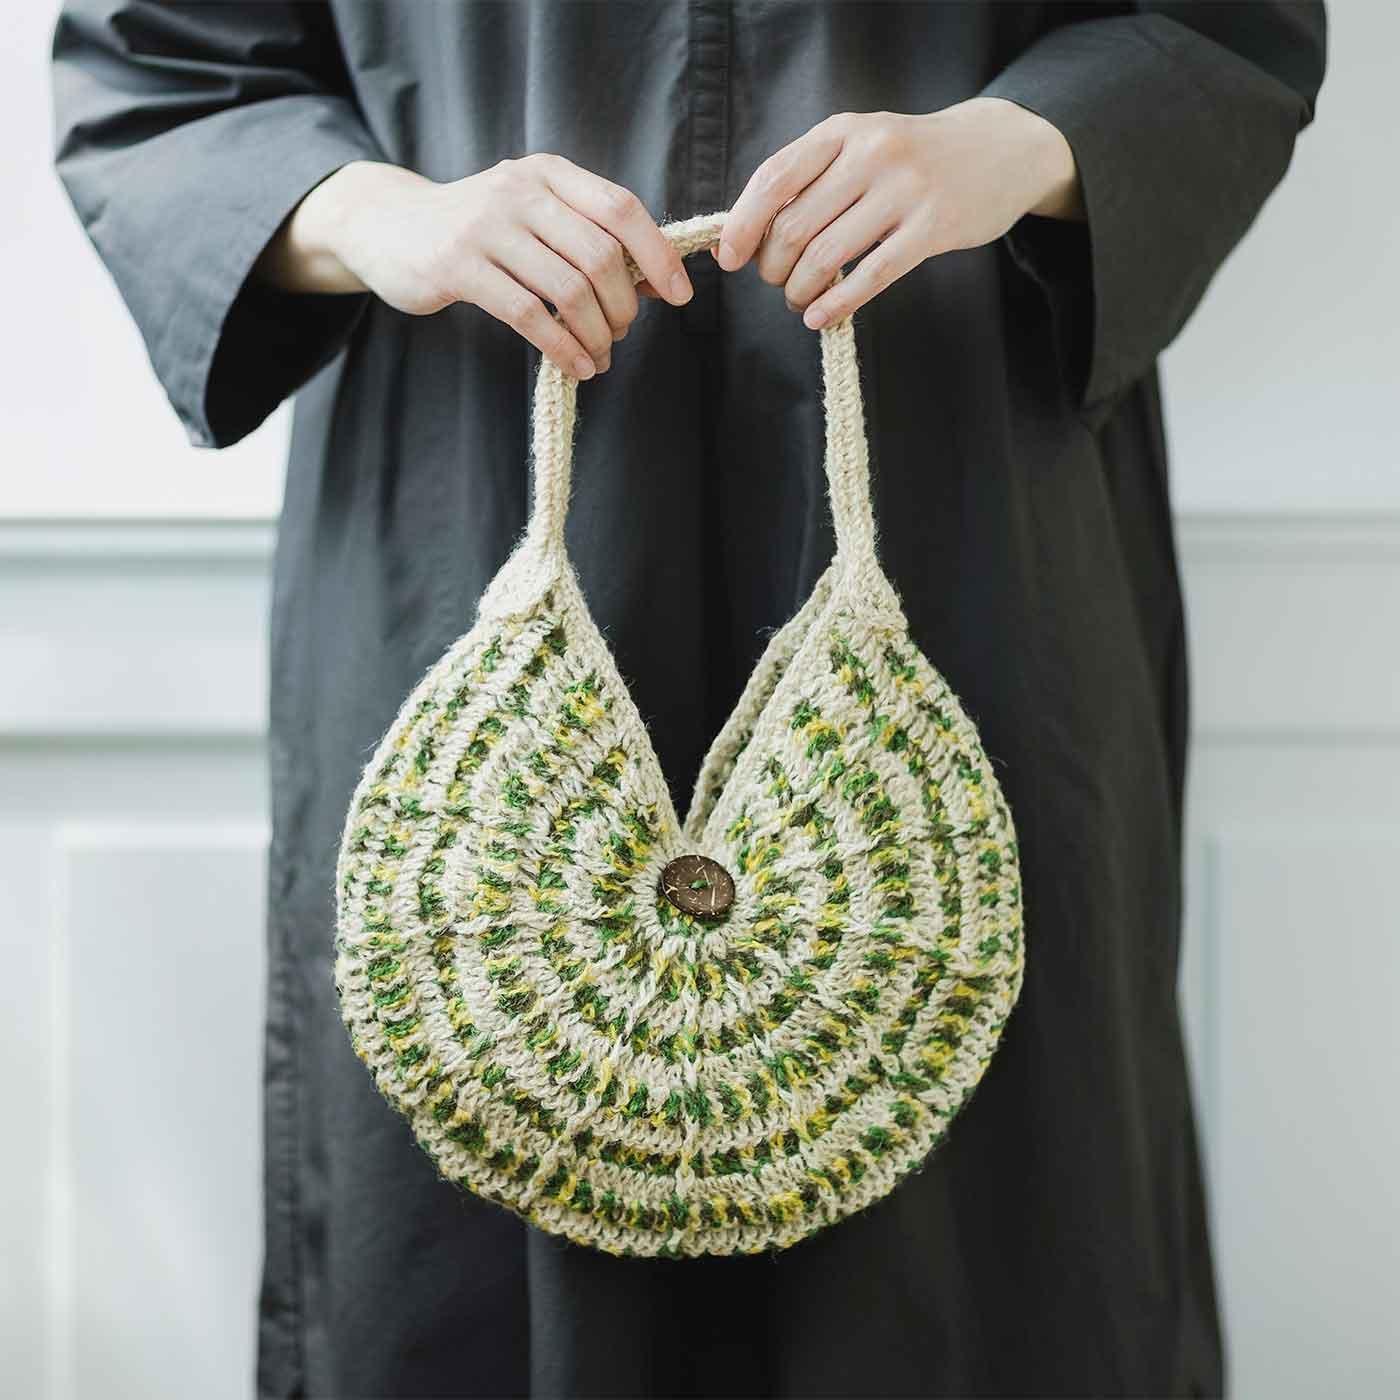 まん丸がかわいい 丸型グラニーバッグが編めるキット